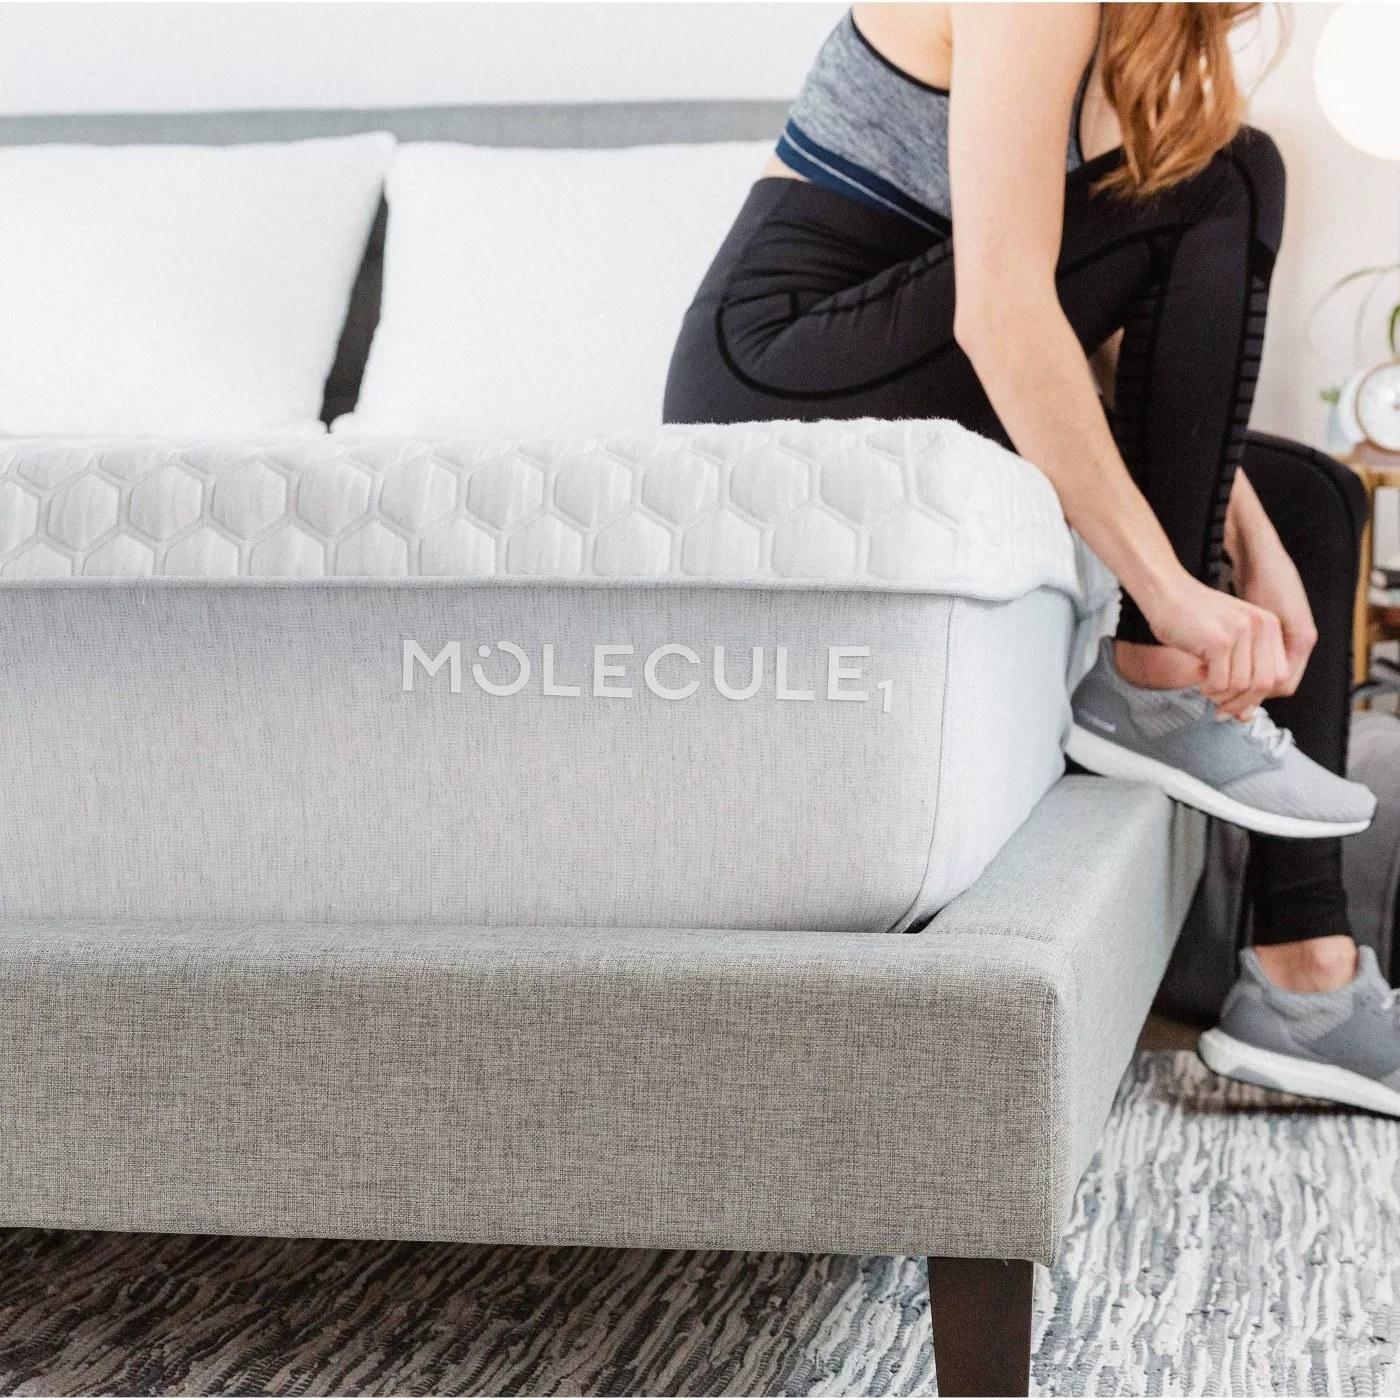 The Molecule 1 mattress